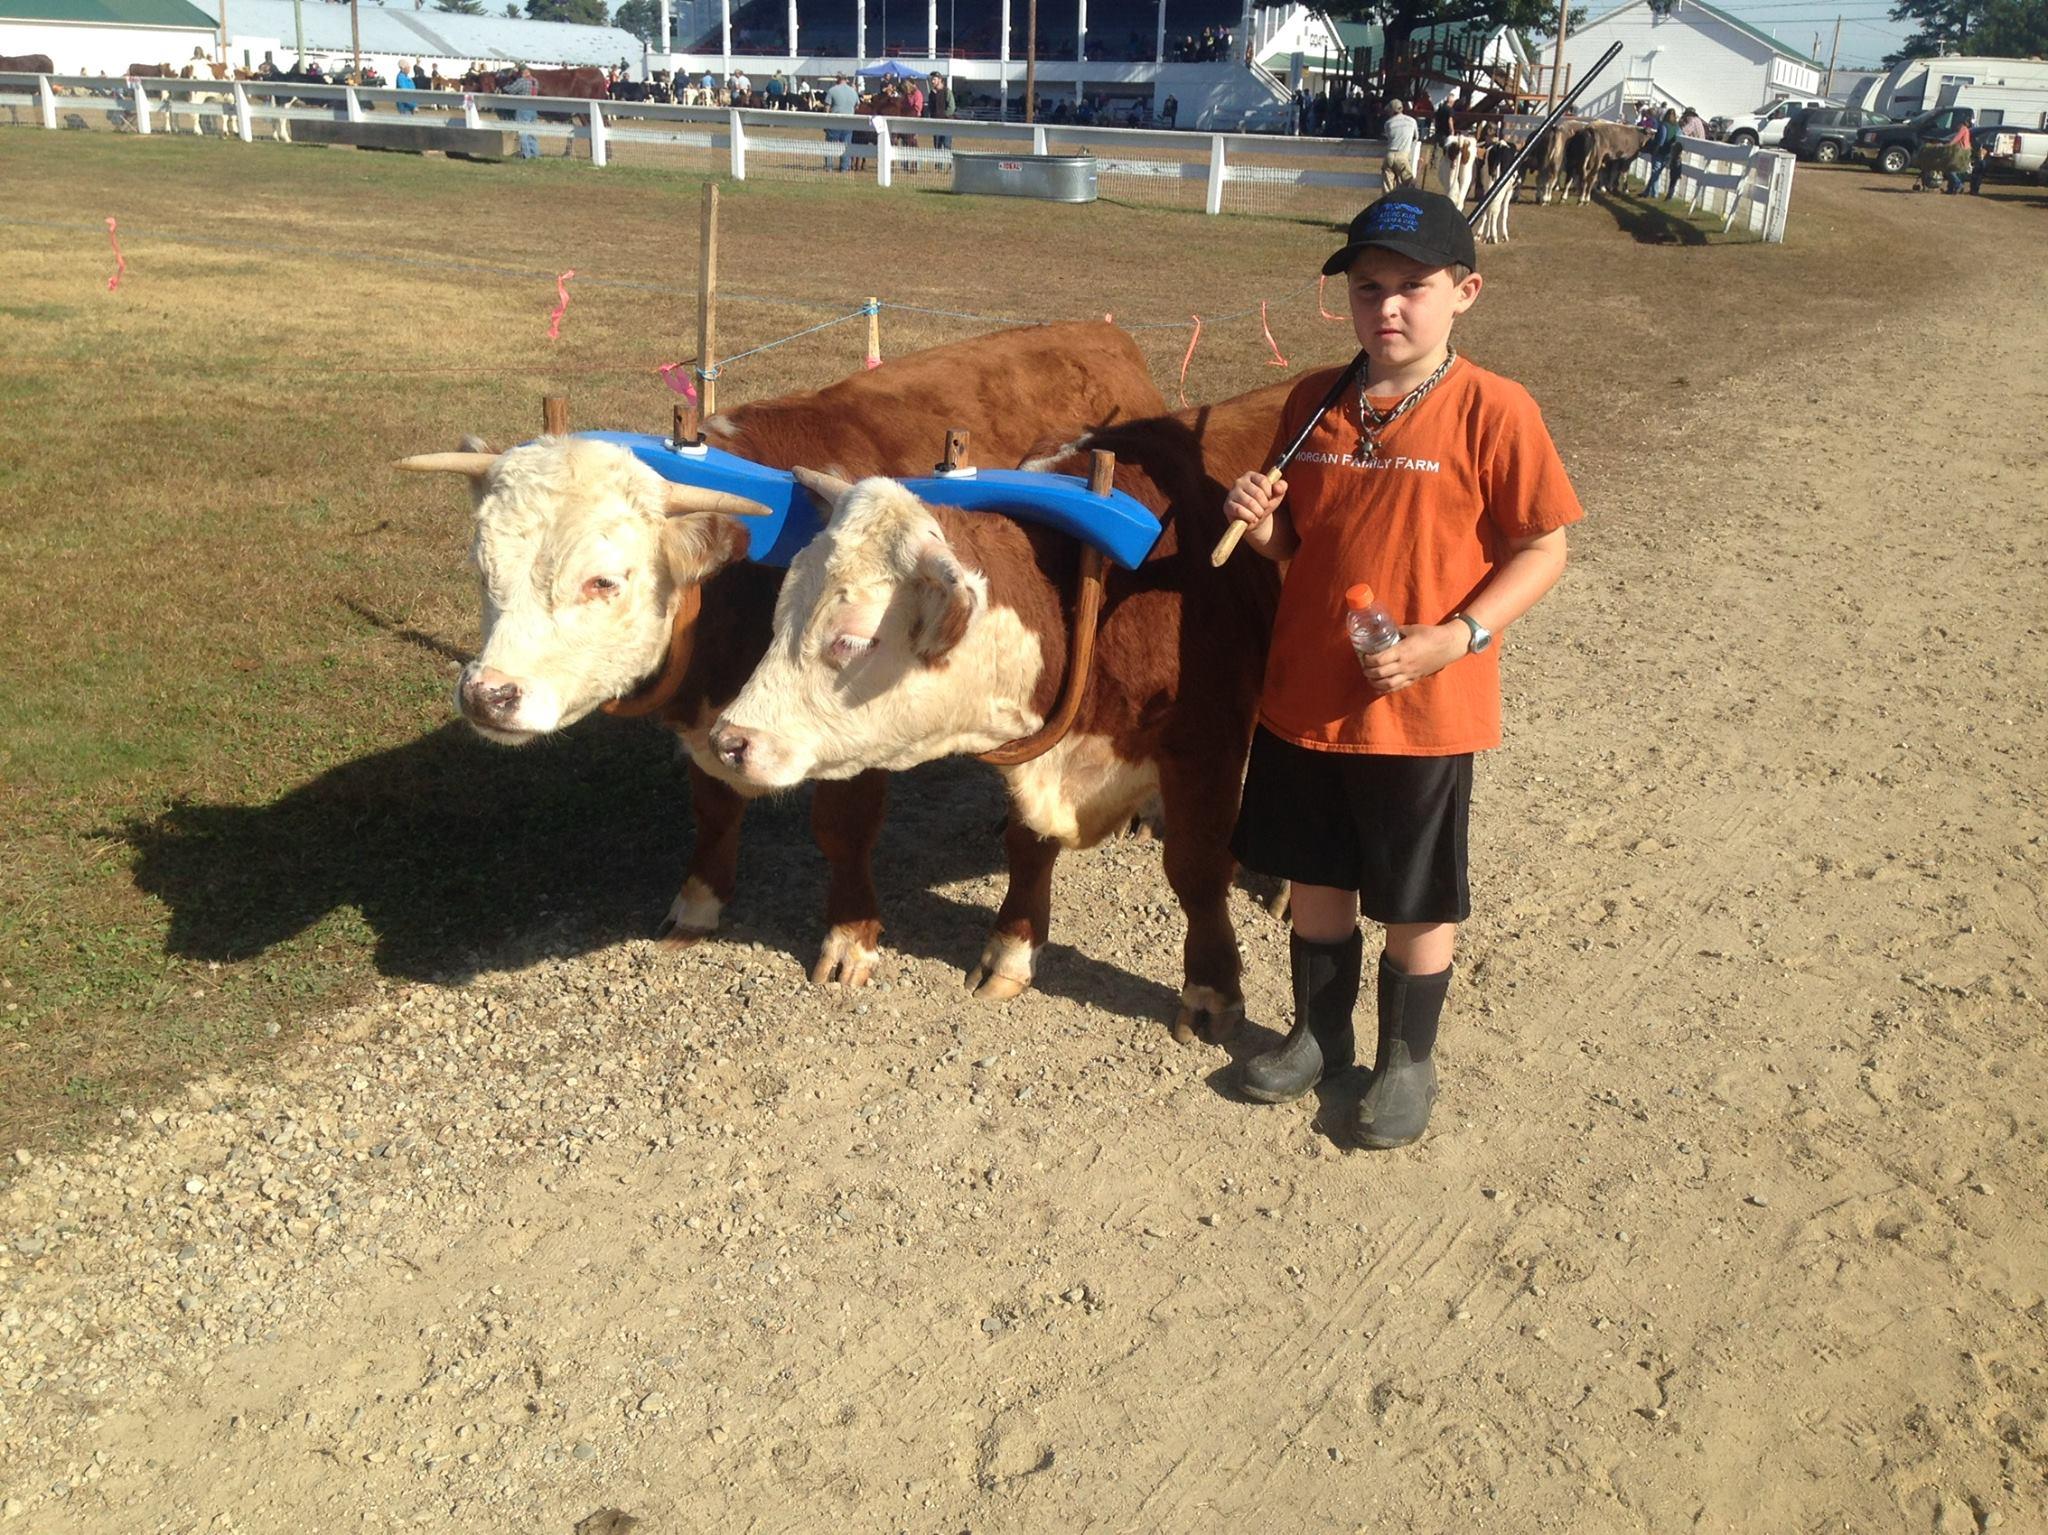 В Айове появились коровы размером с собаку